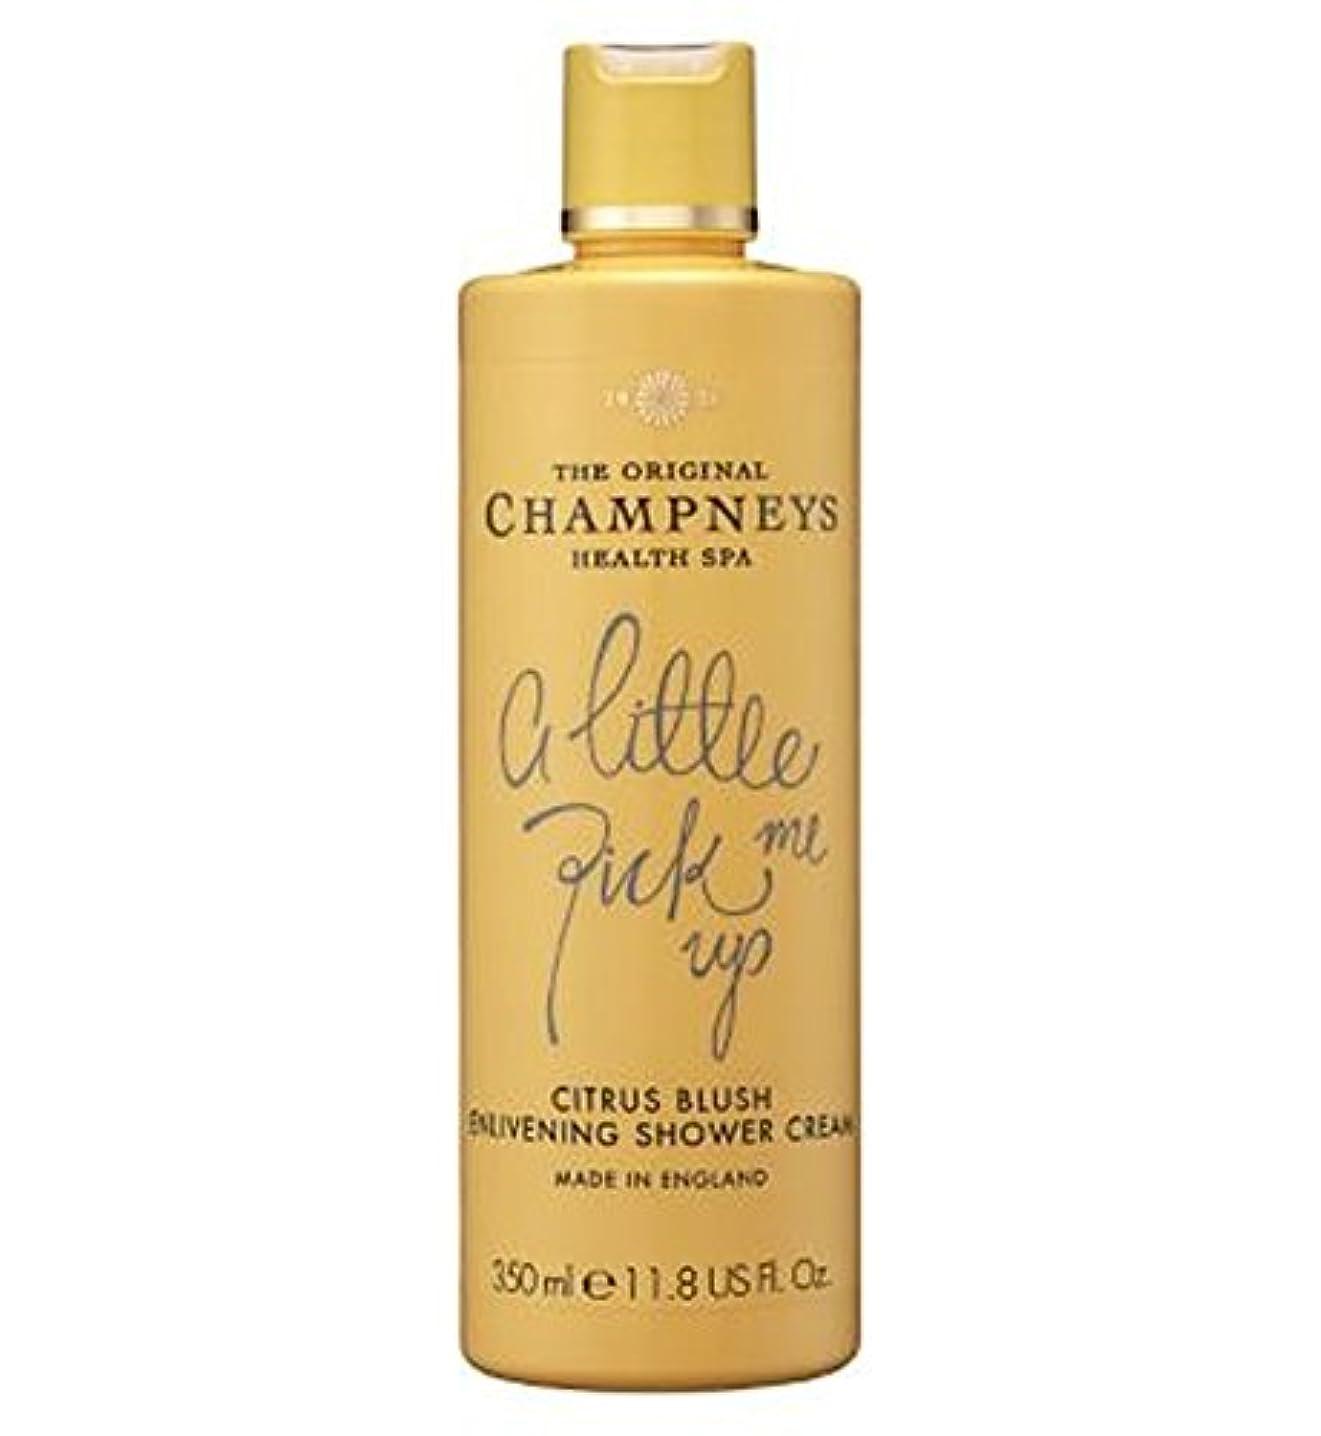 思われるラップ保存チャンプニーズシトラス赤面盛り上げシャワークリーム350ミリリットル (Champneys) (x2) - Champneys Citrus Blush Enlivening Shower Cream 350ml (Pack...